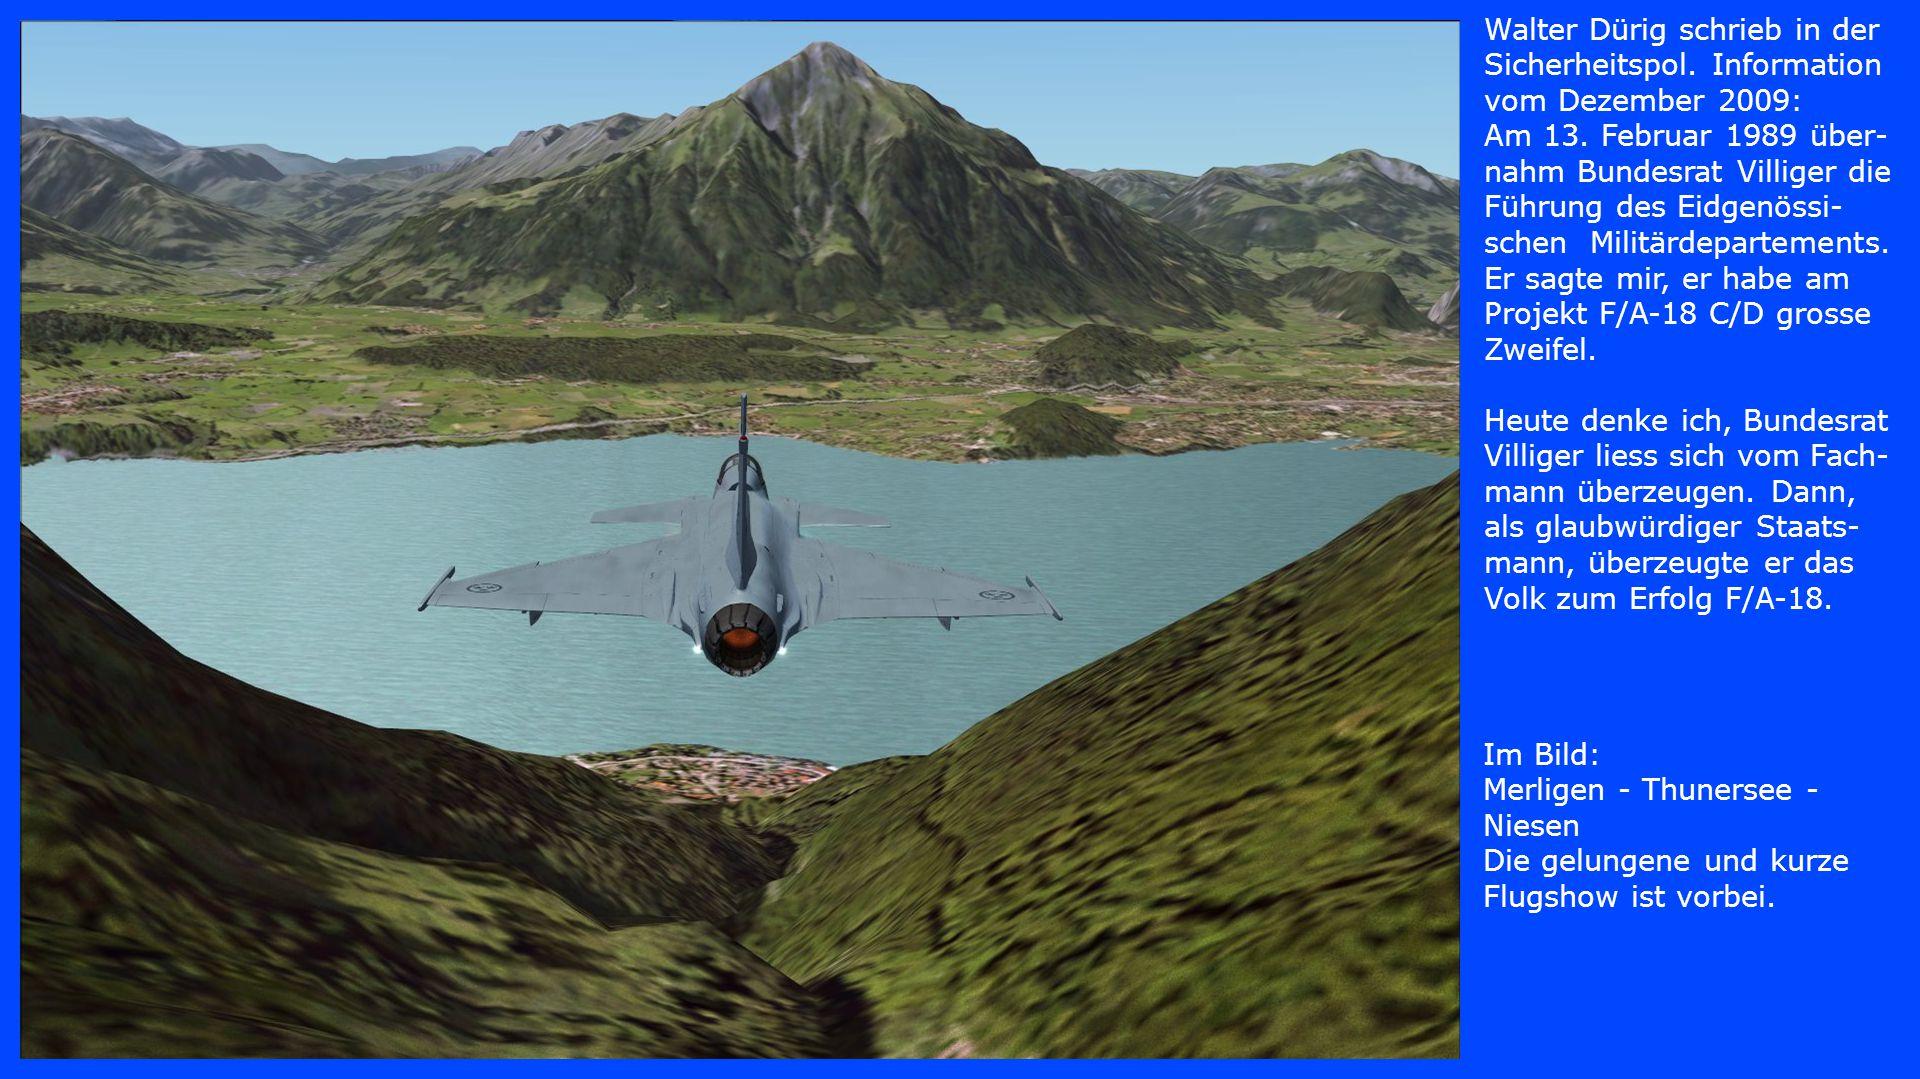 Im Bild: Niesen 315 kt, 4250 ft, eine Sekunde Blick auf das GPS, zur Linkskurve über dem See.